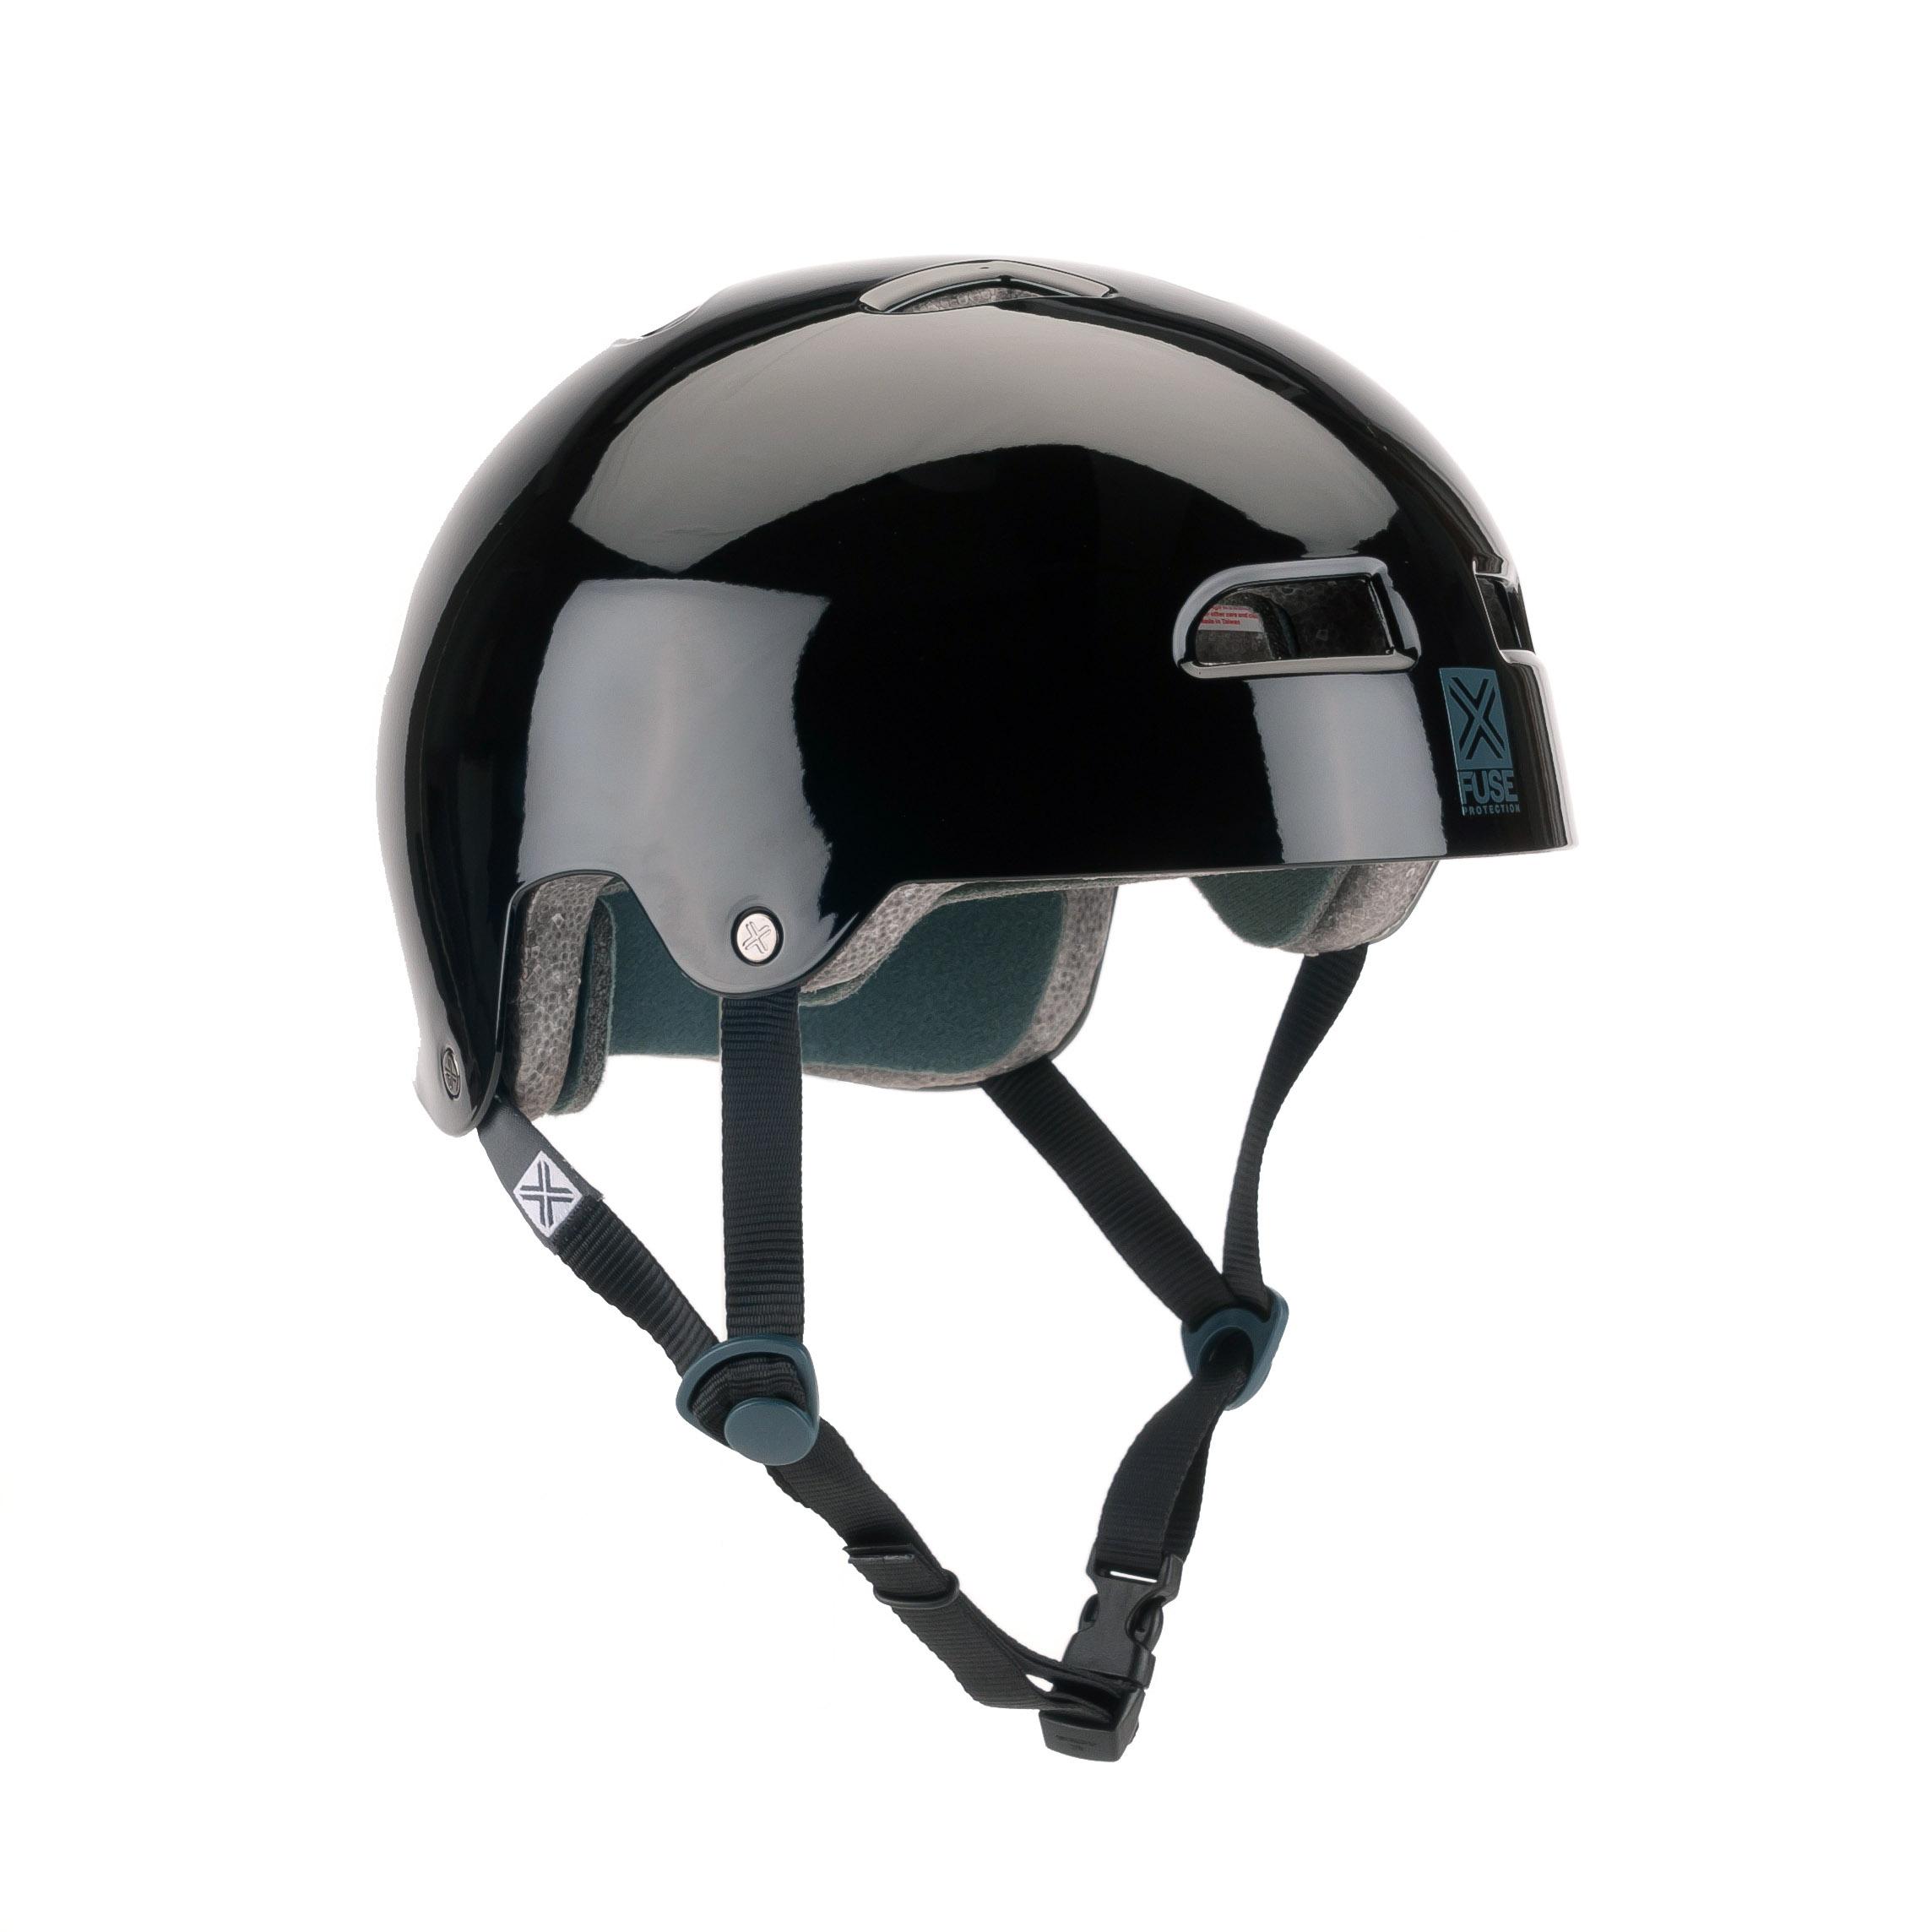 Der Fuse Protection Icon Helm in schwarz sieht nicht nur gut aus, sondern sitzt auch noch bequem.